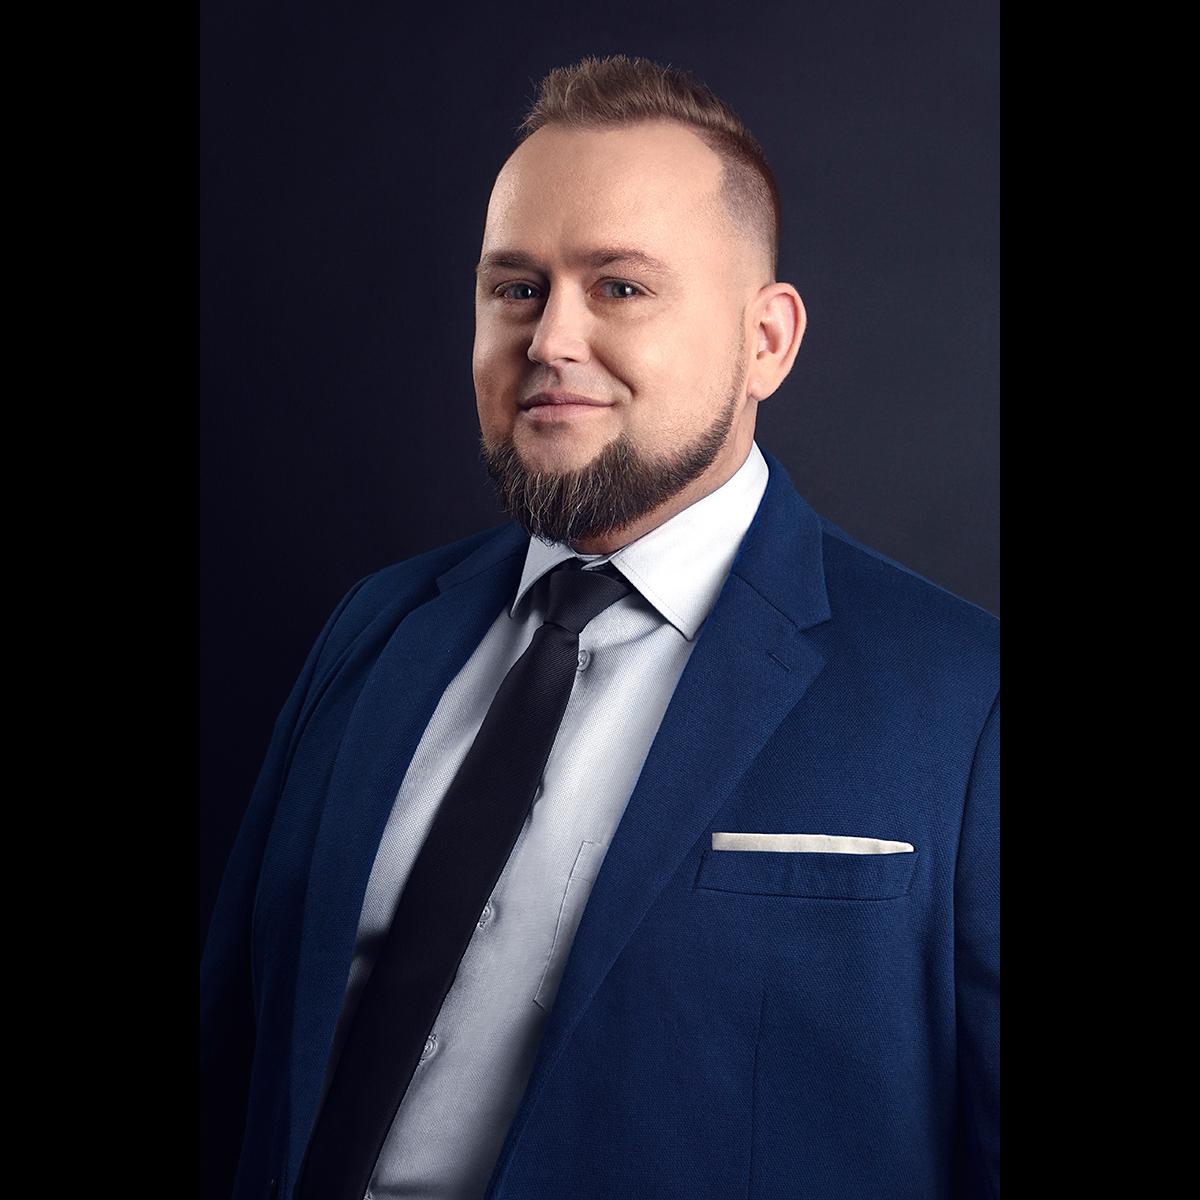 Łukasz Liszko - fotografia biznesowa - wizerunkowa - DJ Kuban